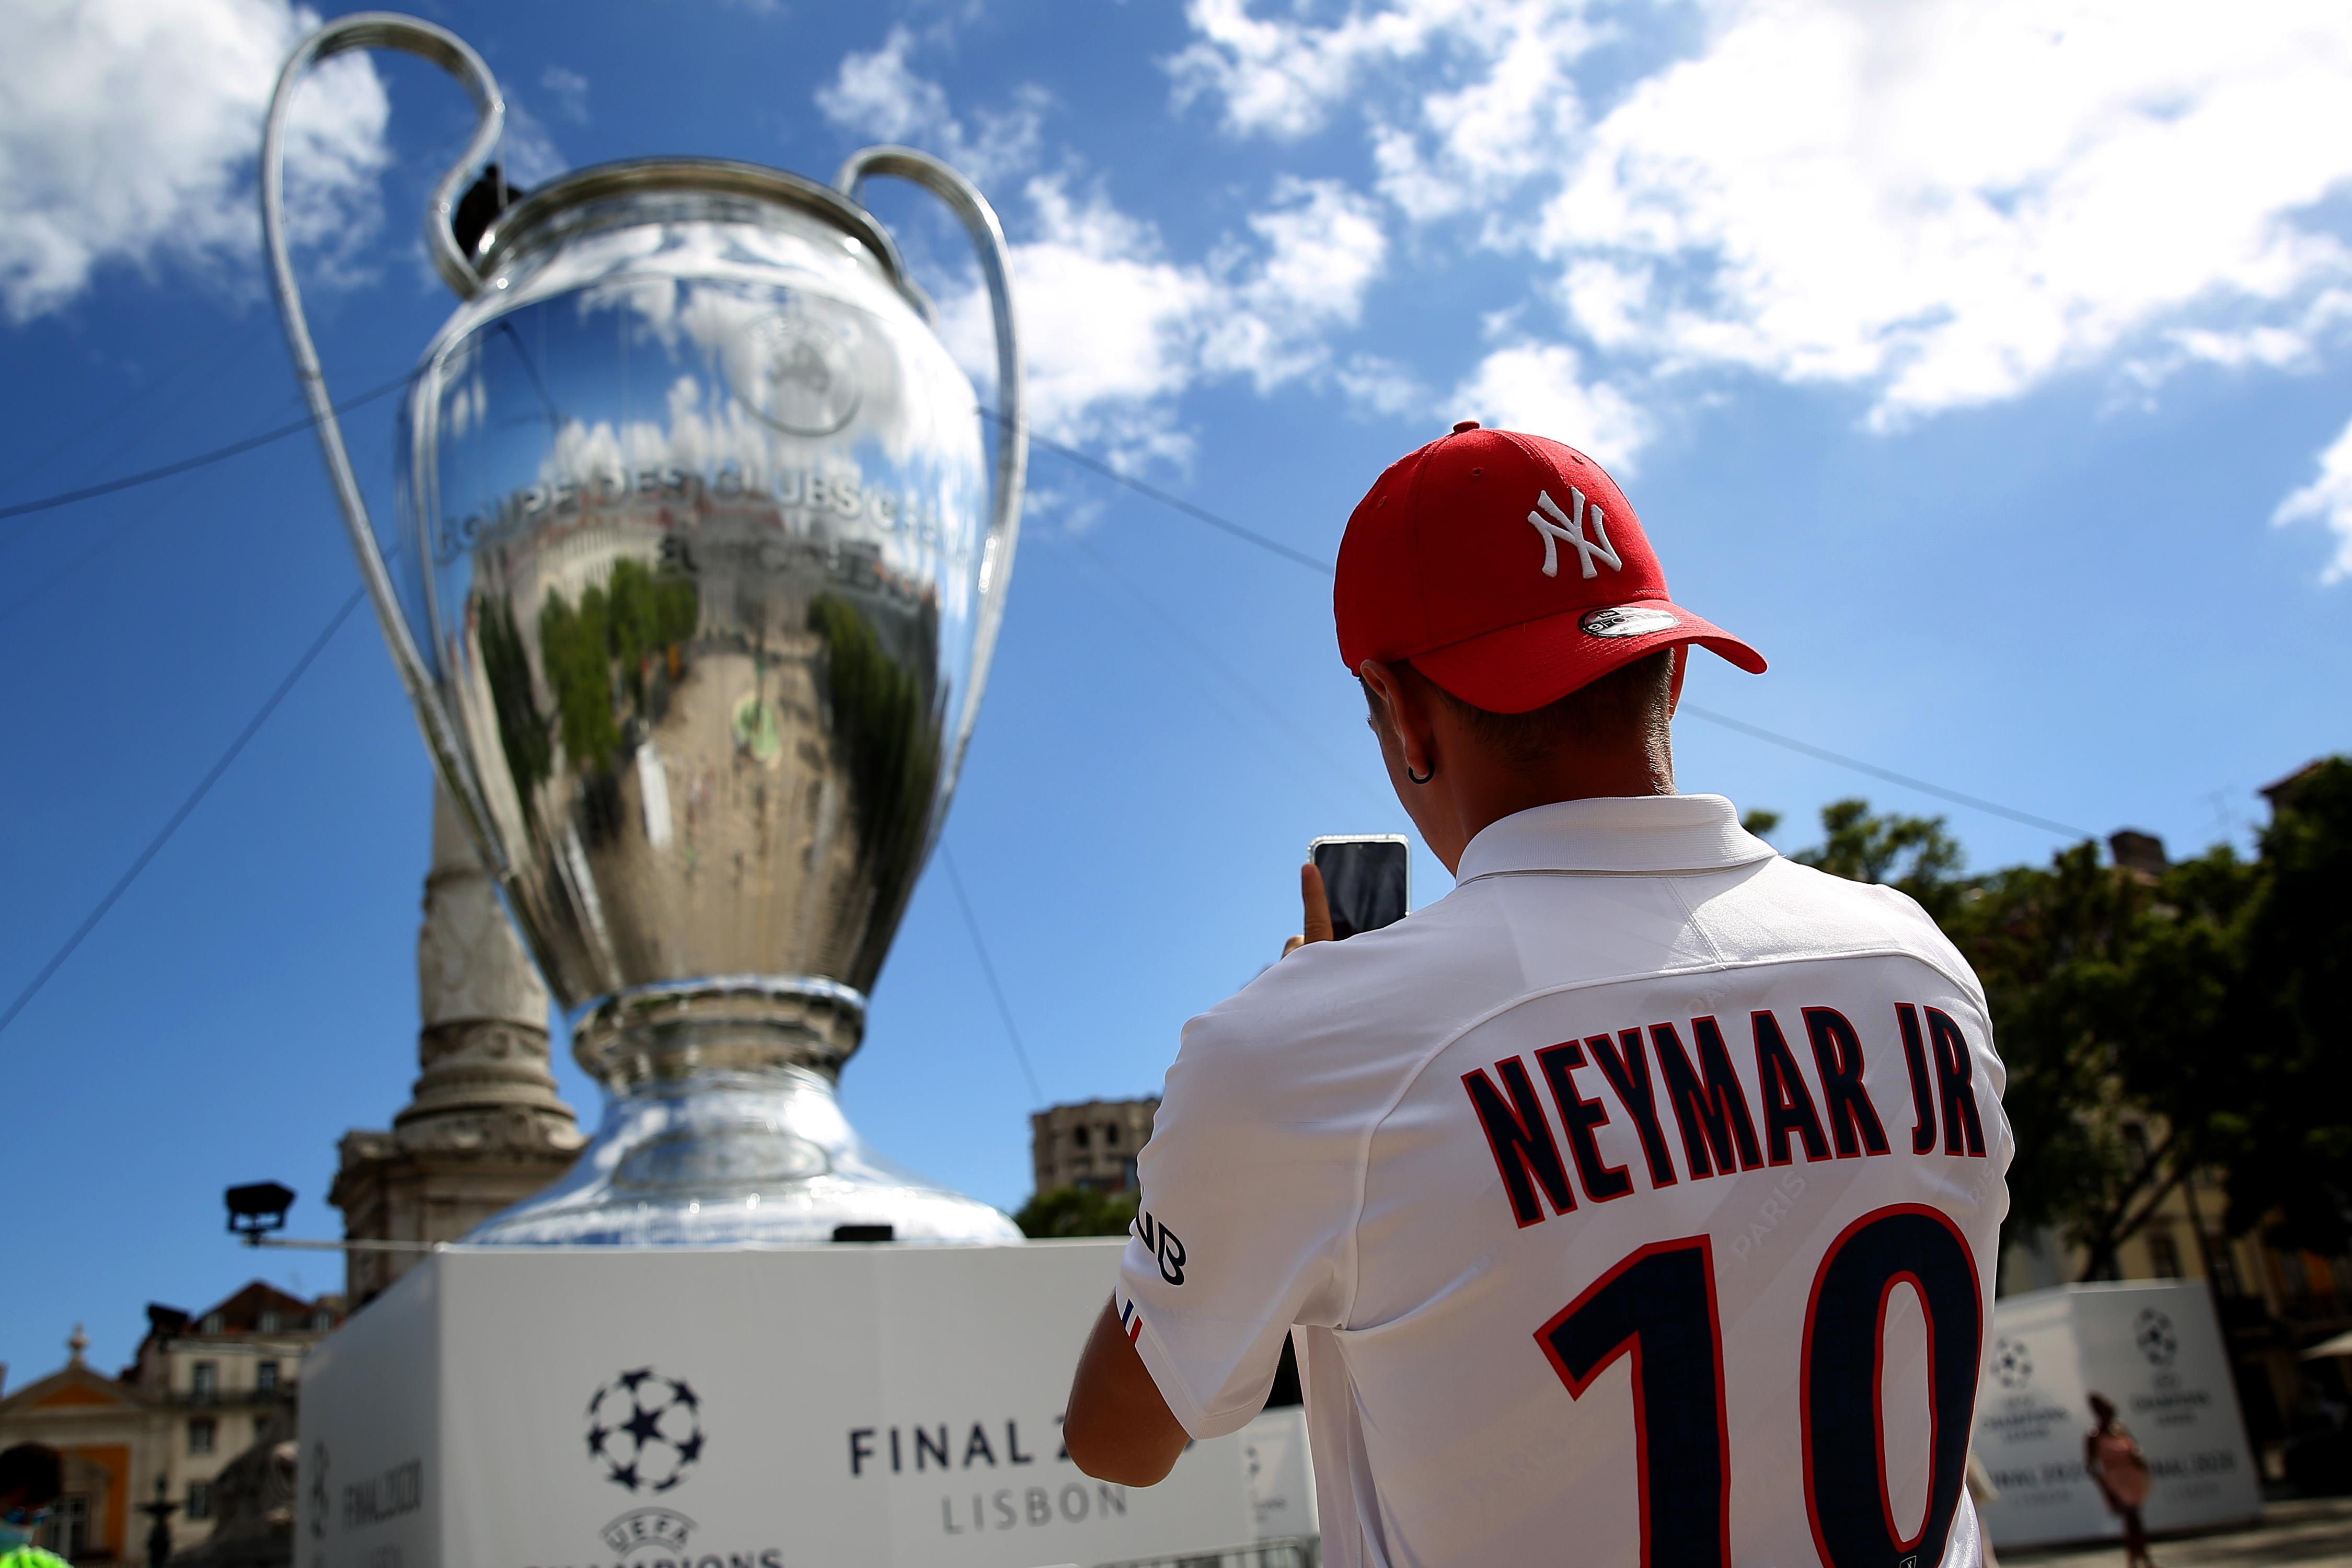 Champions League Finals 2020 - Lisbon City Views